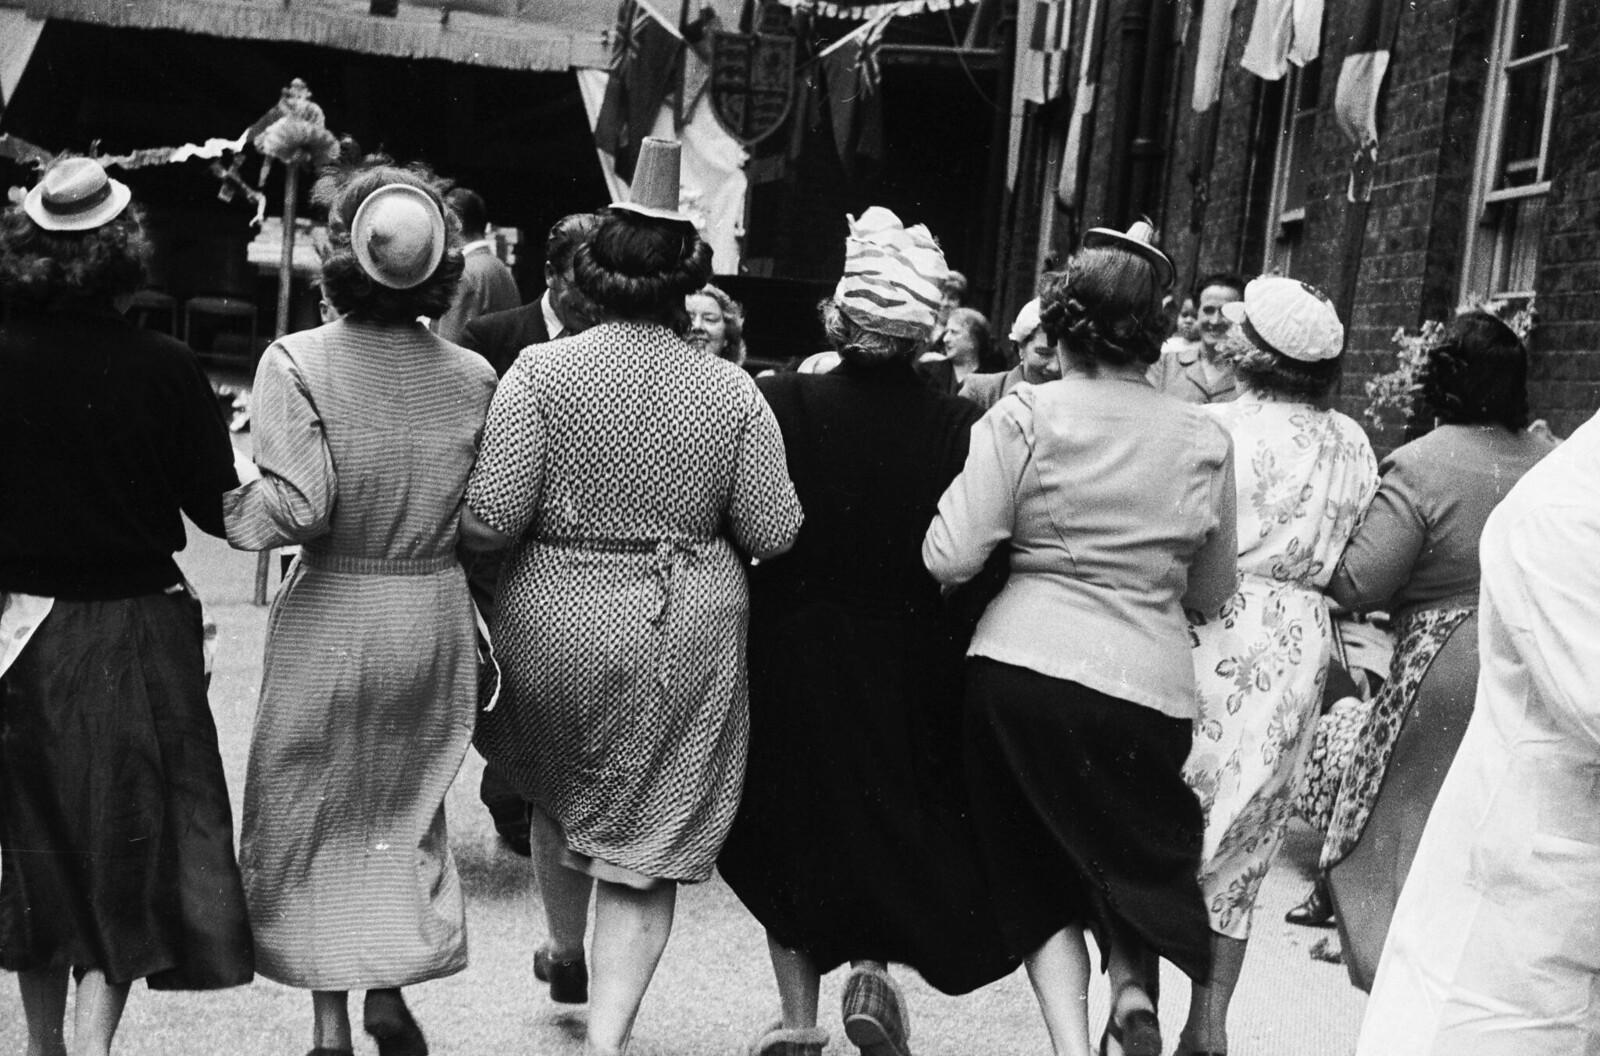 12. Женщины в бумажных шляпах на лондонской улице во время уличной вечеринки